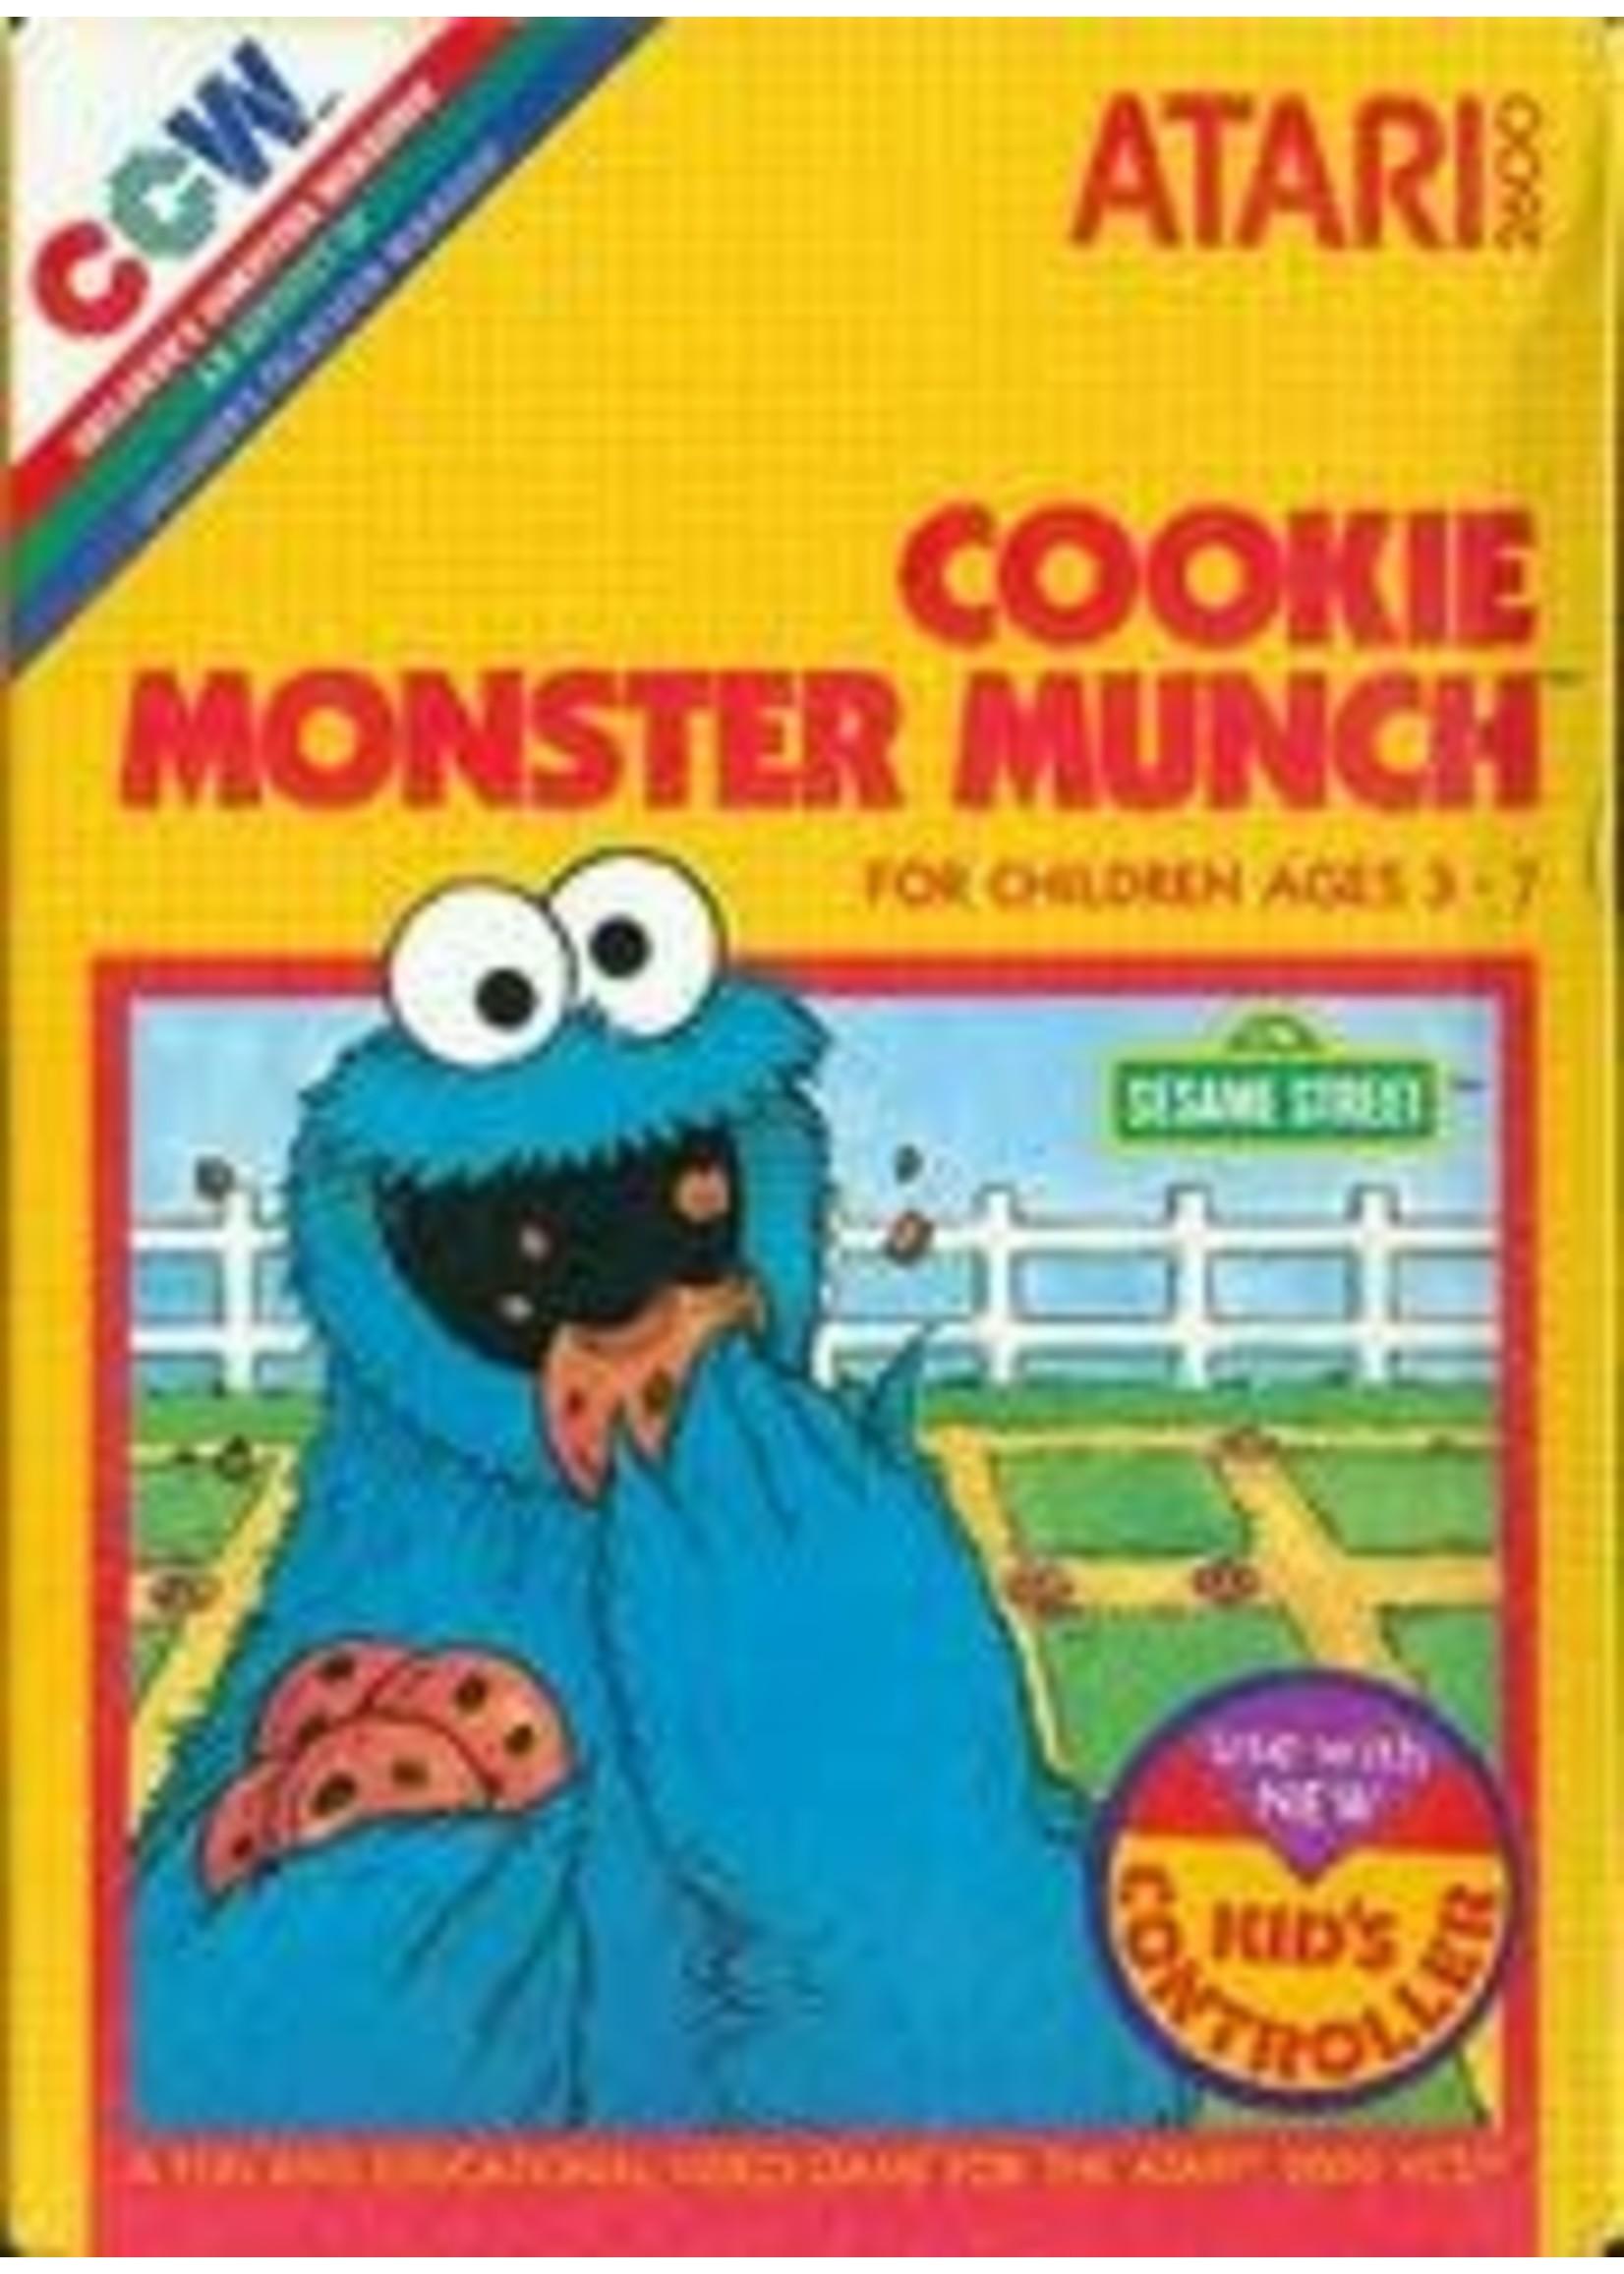 Cookie Monster Munch Atari 2600